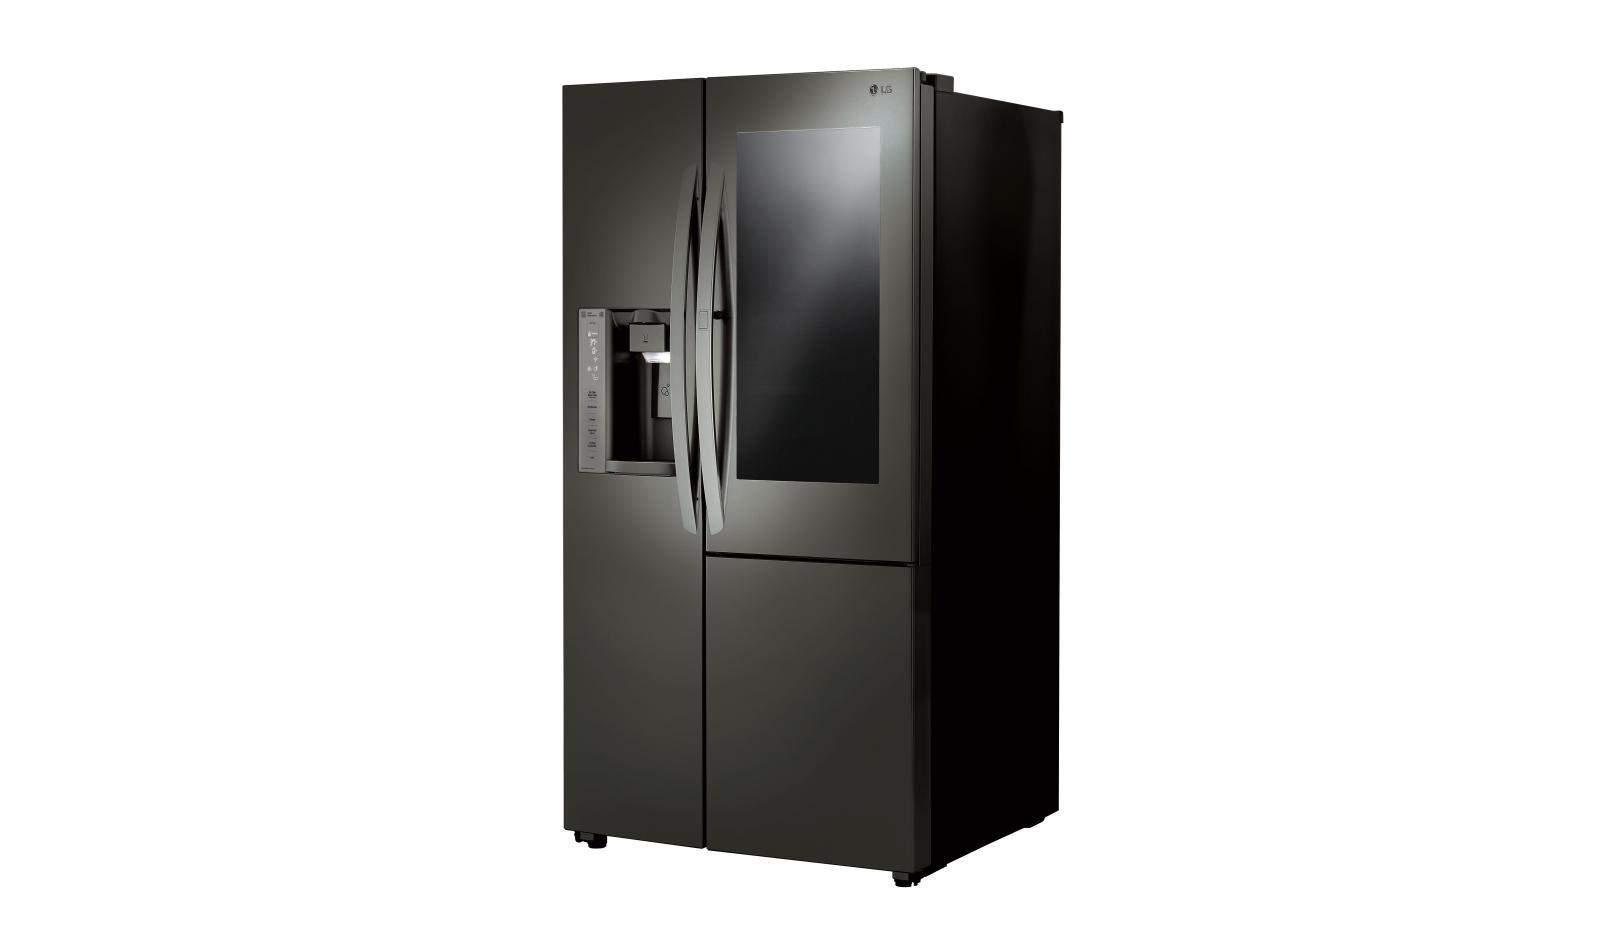 LG InstaView Door in Door Side by Side Refrigerator LSXC22396D